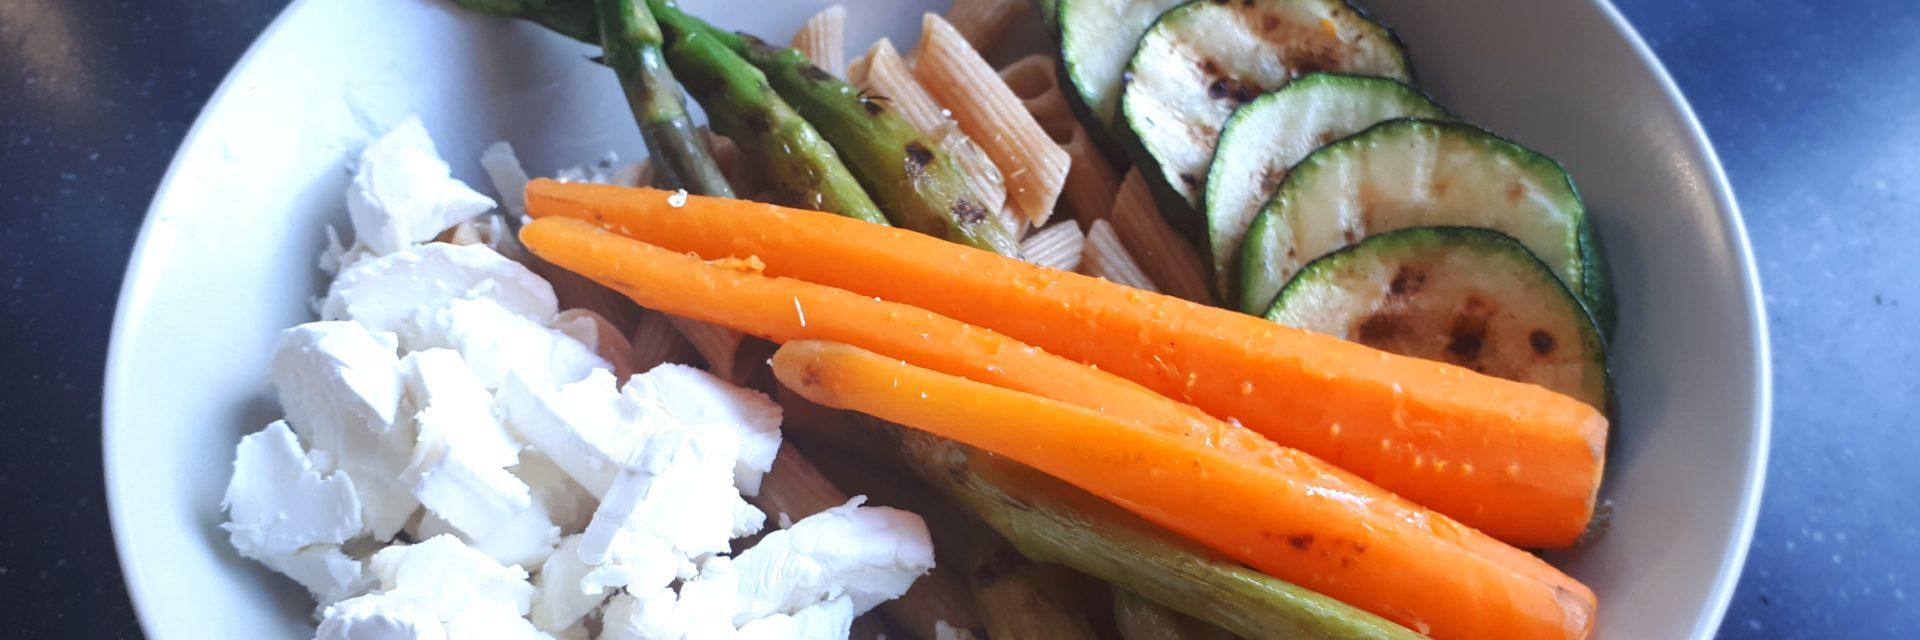 Gegrilde groenten met mozzarella & vis